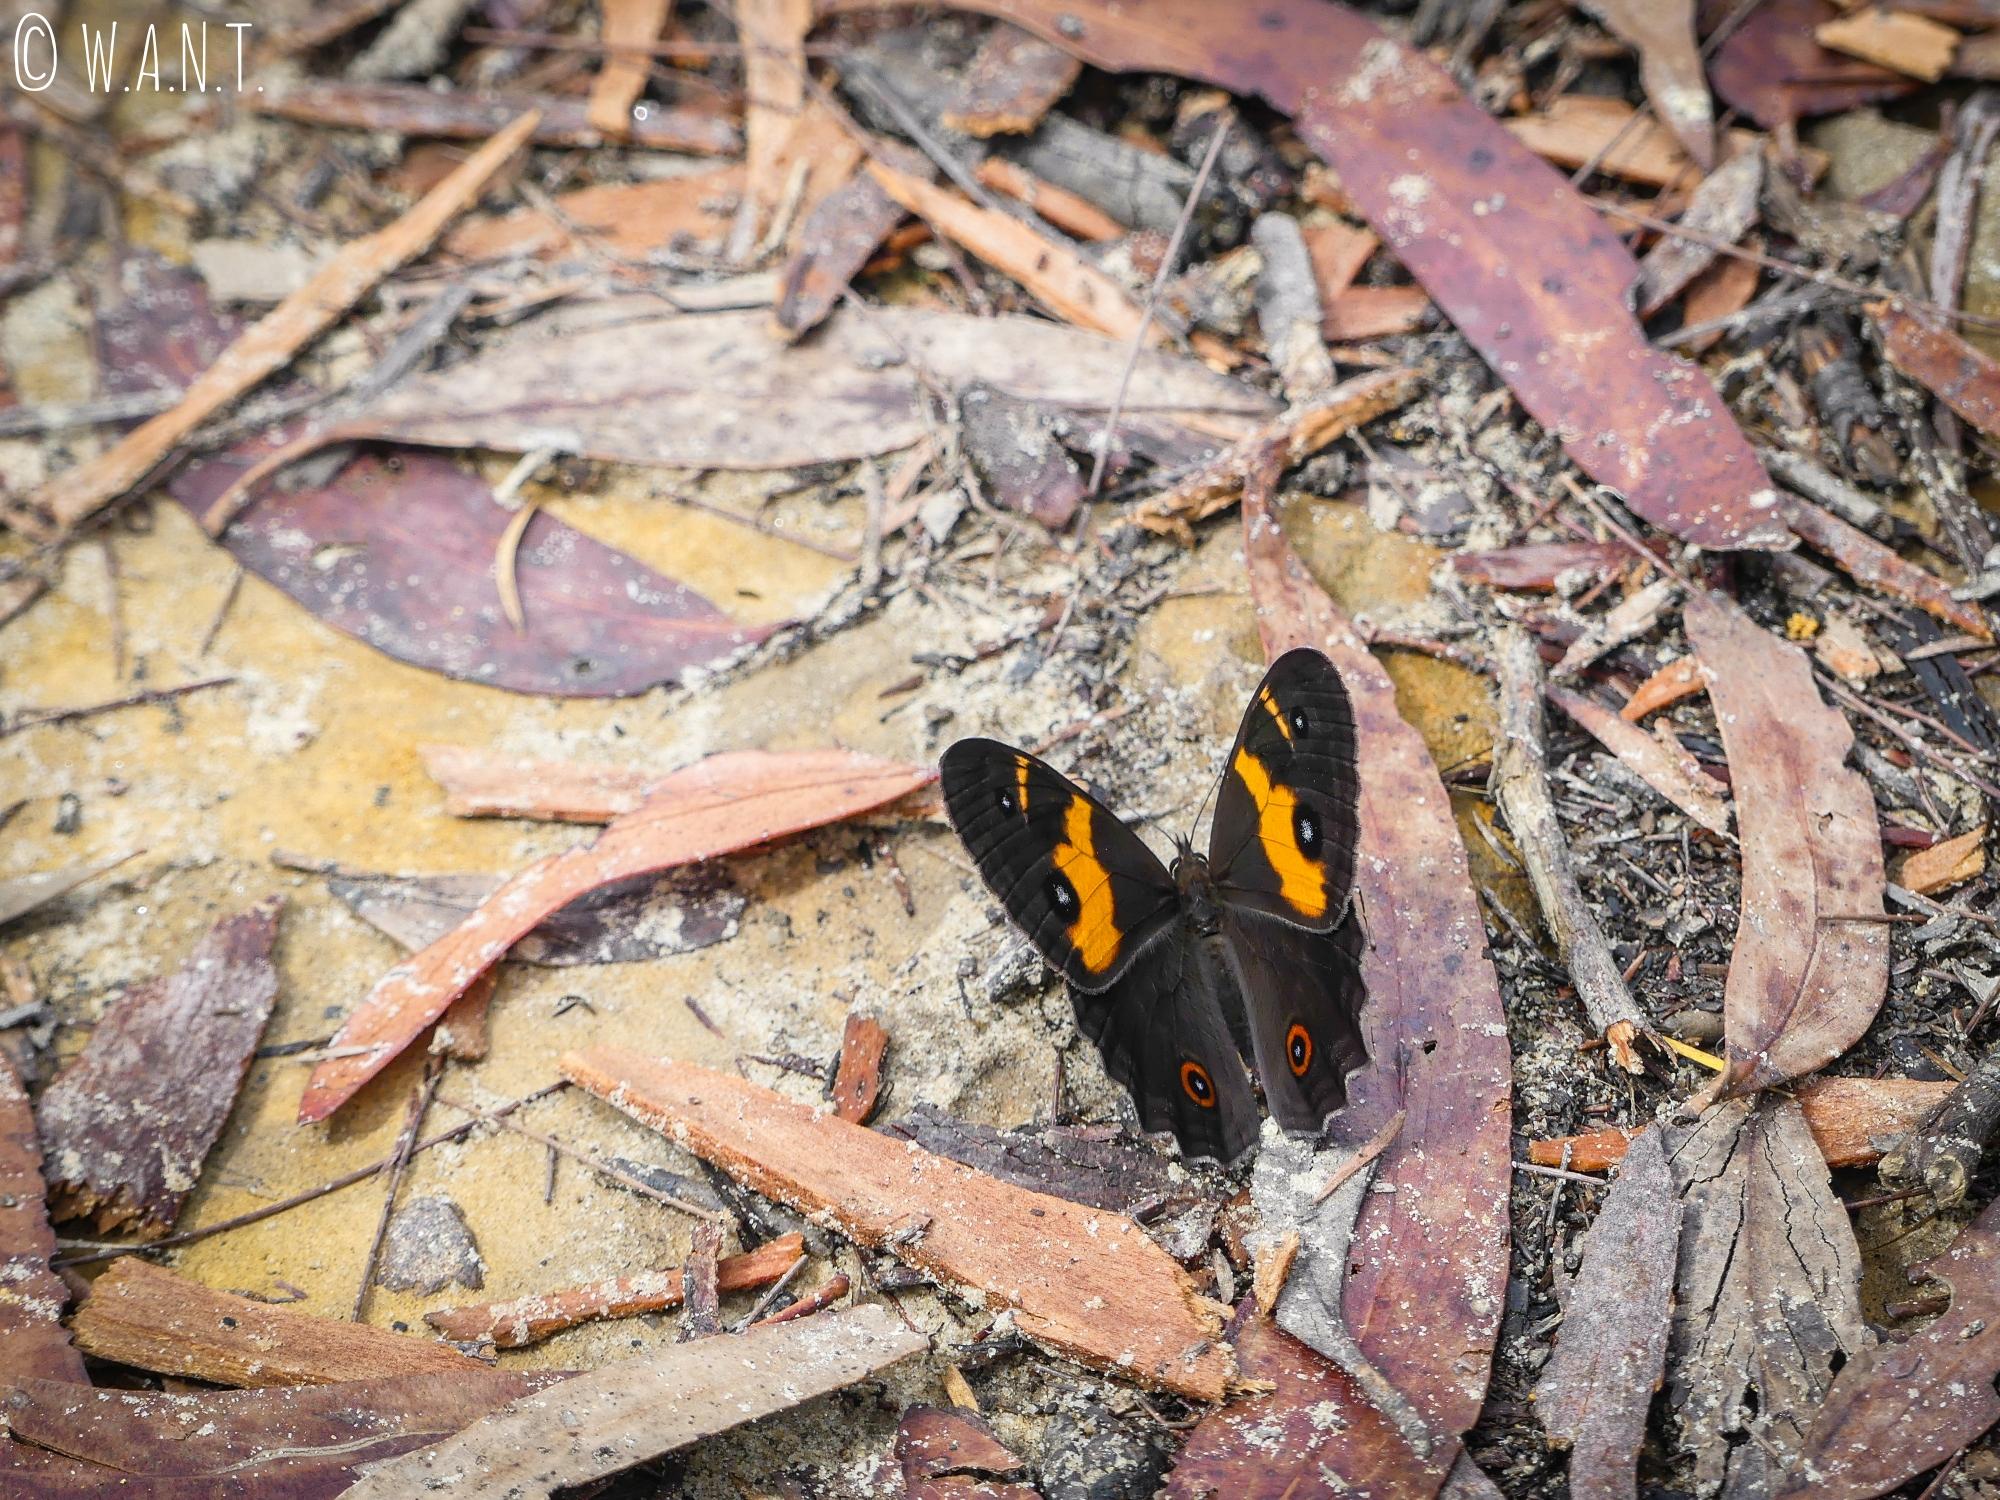 Un papillon nous accompagne lors de cette randonnée sur le chemin du Prince Henry Cliff Walk, dans les Blue Mountains